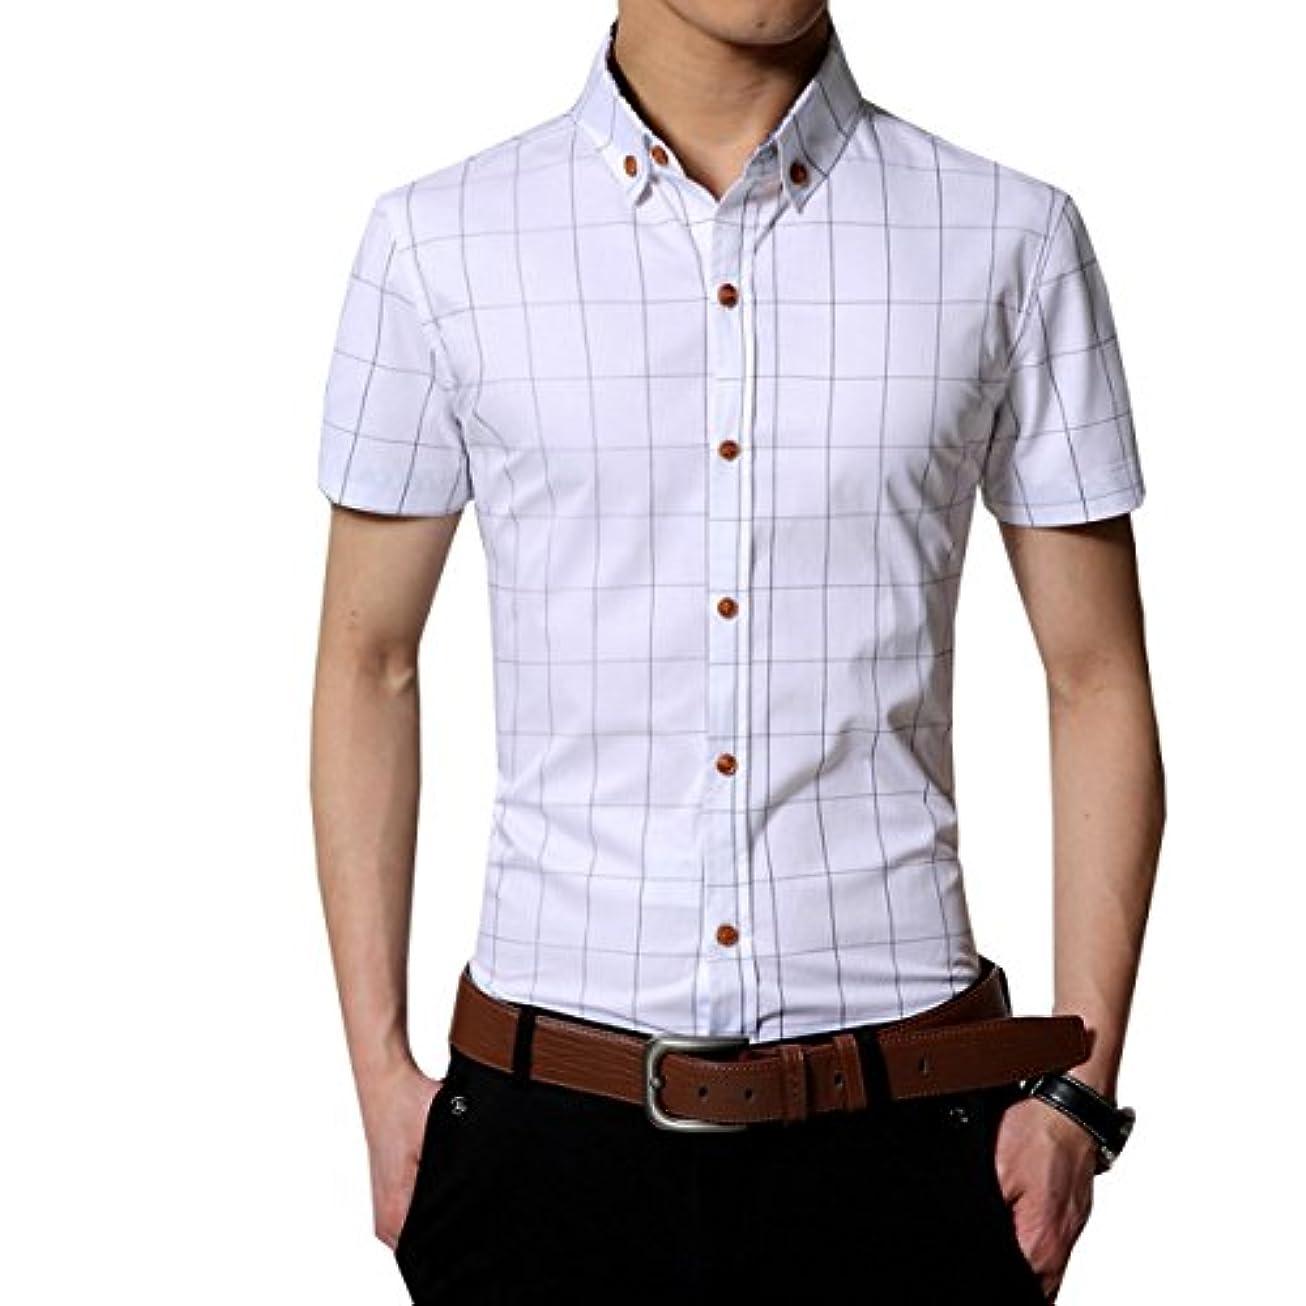 潜むオセアニア大統領ワイシャツ yシャツ メンズ 半袖 シャツ メンズ オックスフォード ボタンダウン 無地 春 秋 スリム ビジネス カジュアル